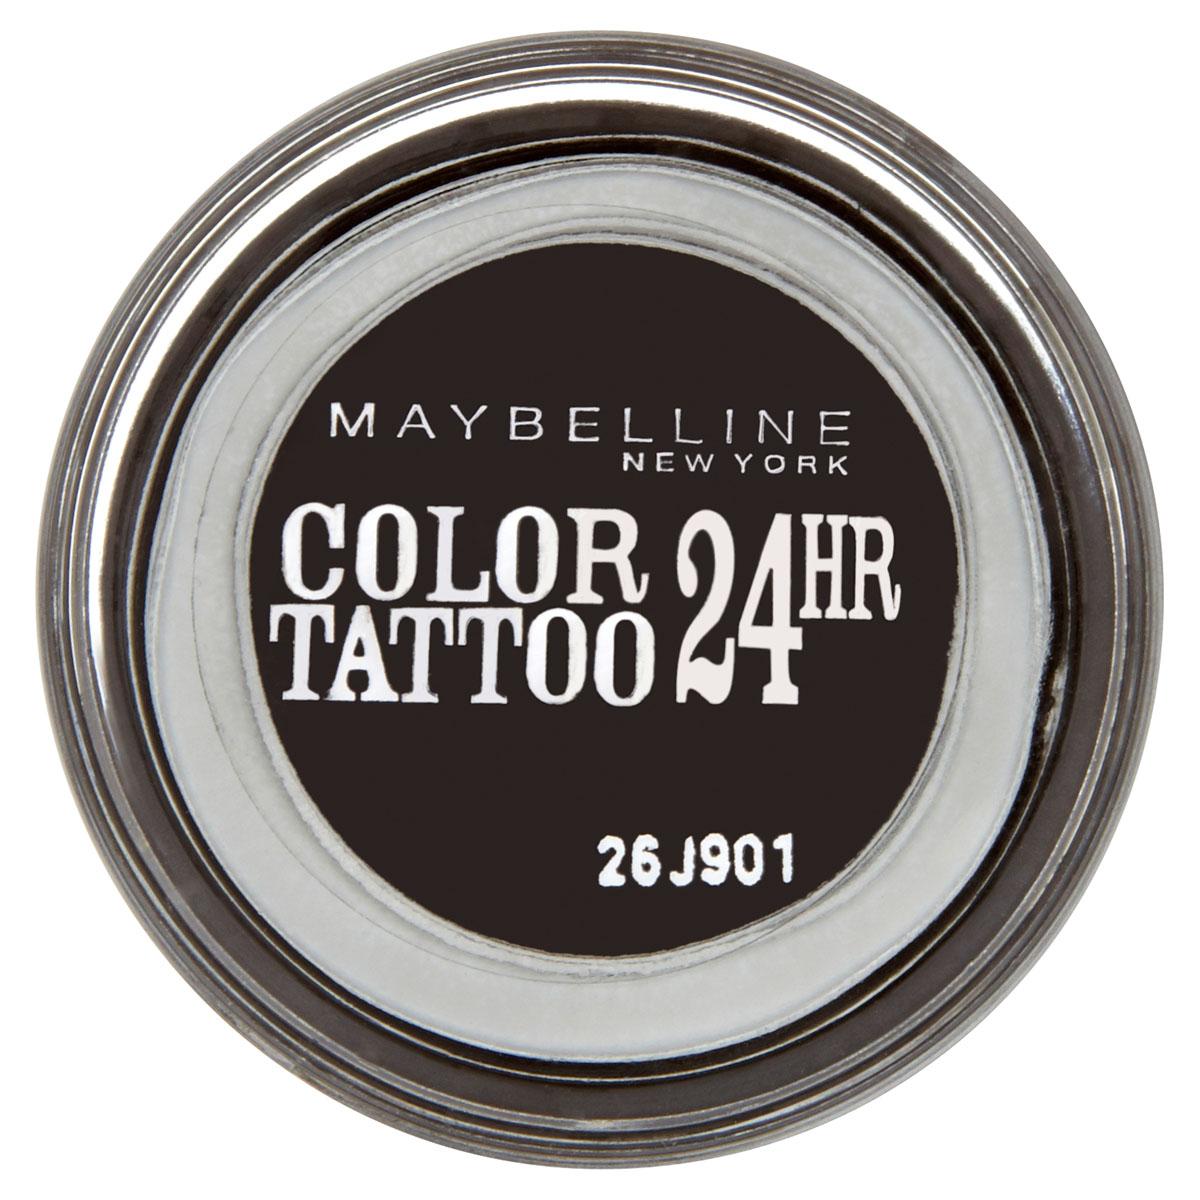 Maybelline New York Тени для век Color Tattoo 24 часа, оттенок 60, Бессменный черный, 4 млB1950100Технология тату-пигментов создает яркий, супернасыщенный цвет. Крем-гелевая текстура обеспечивает ультралегкое нанесение и стойкость на 24 часа. 12 оттенков